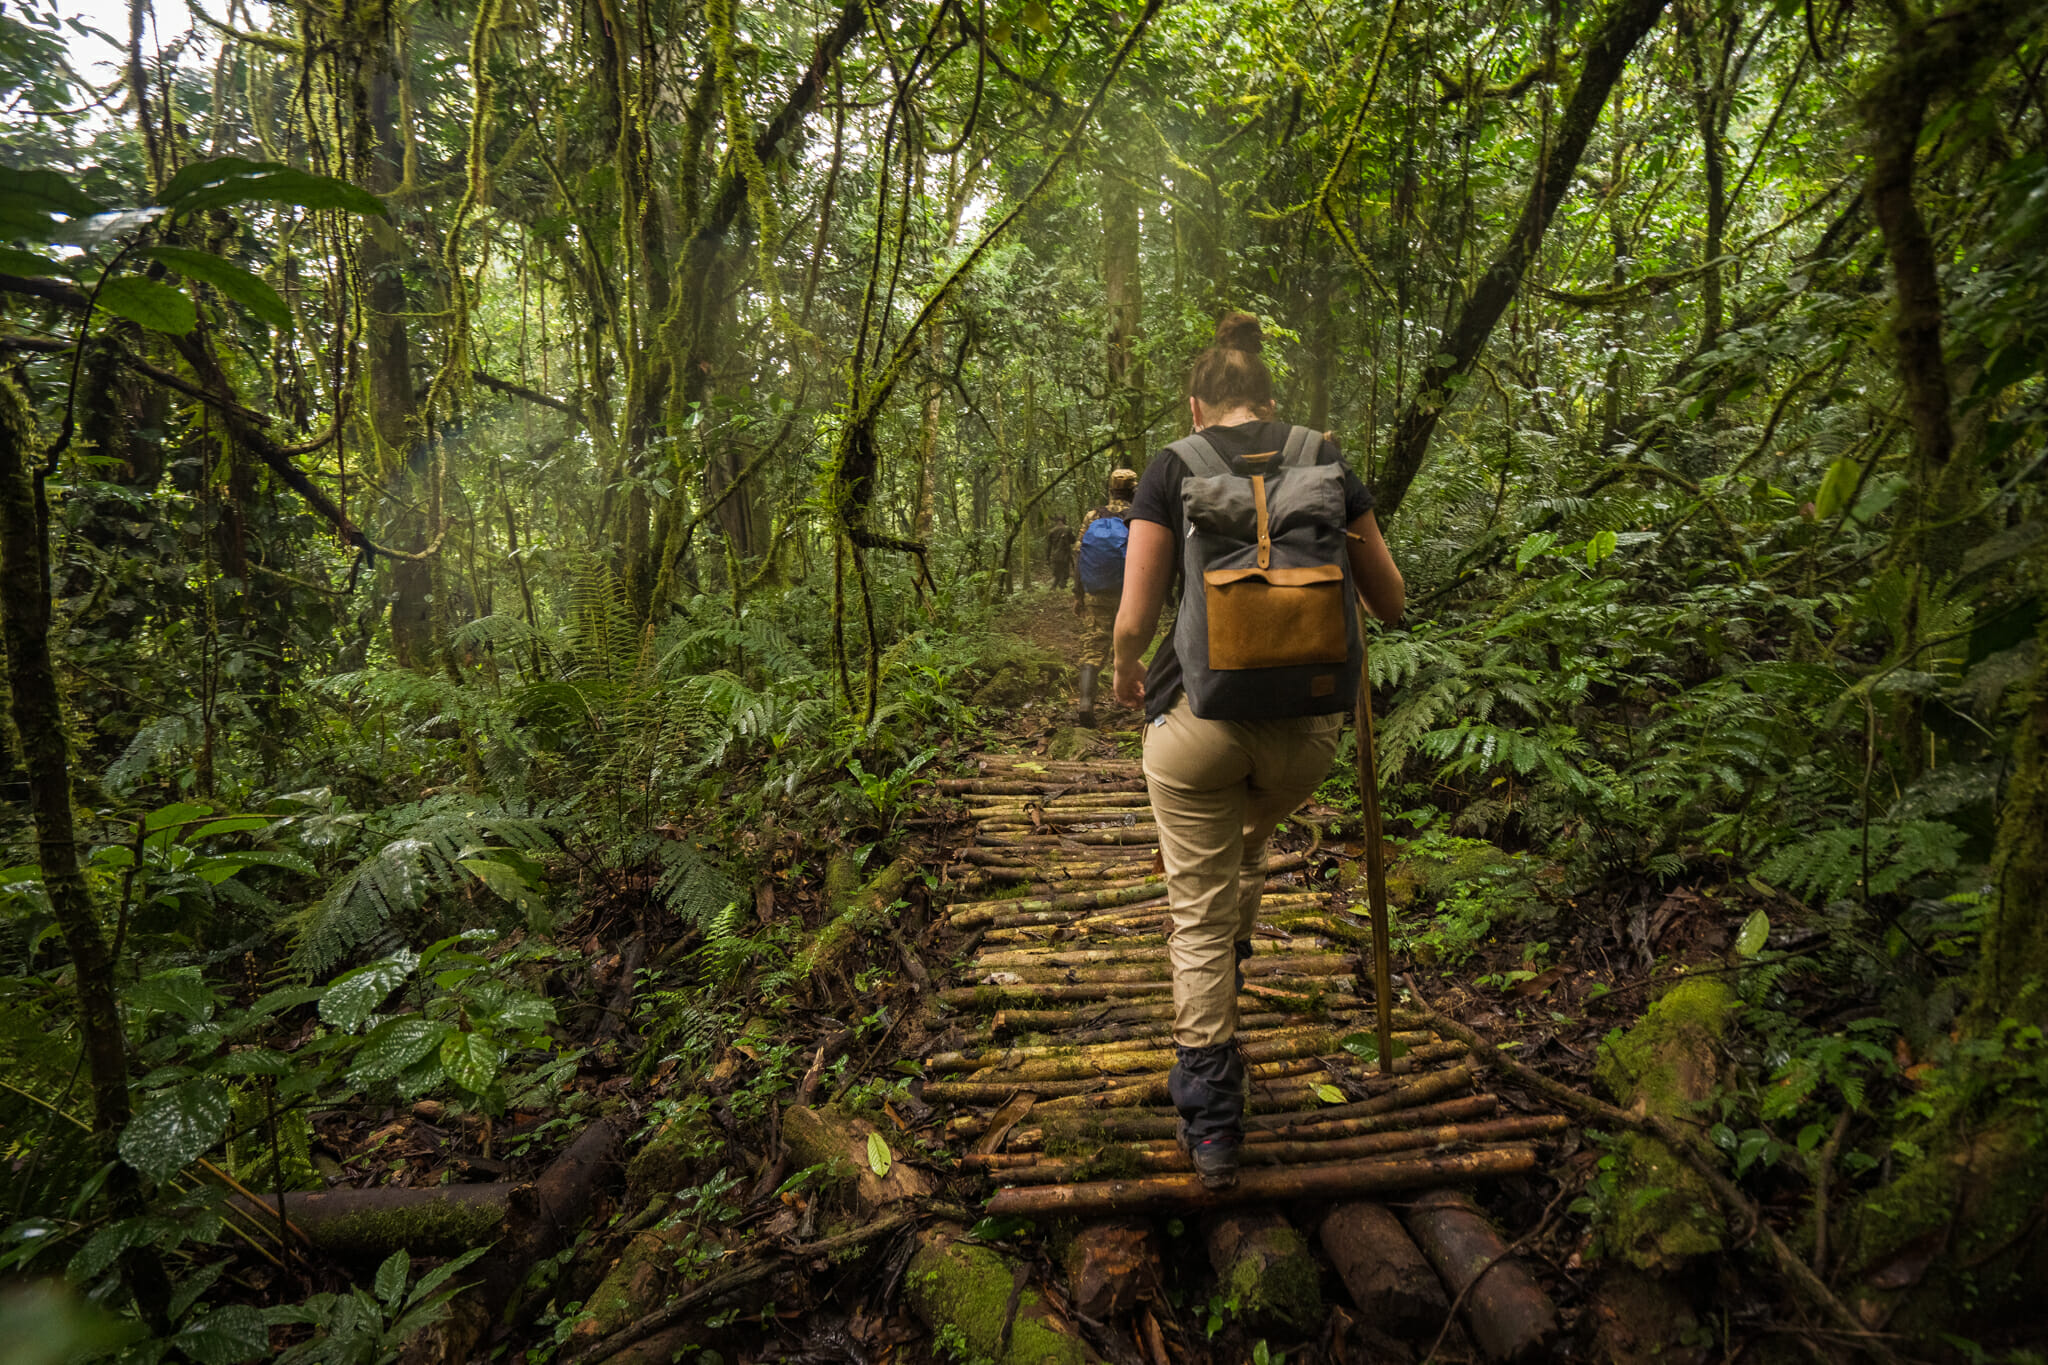 début du trekking dans la foret impénétrable de bwindi en Ouganda